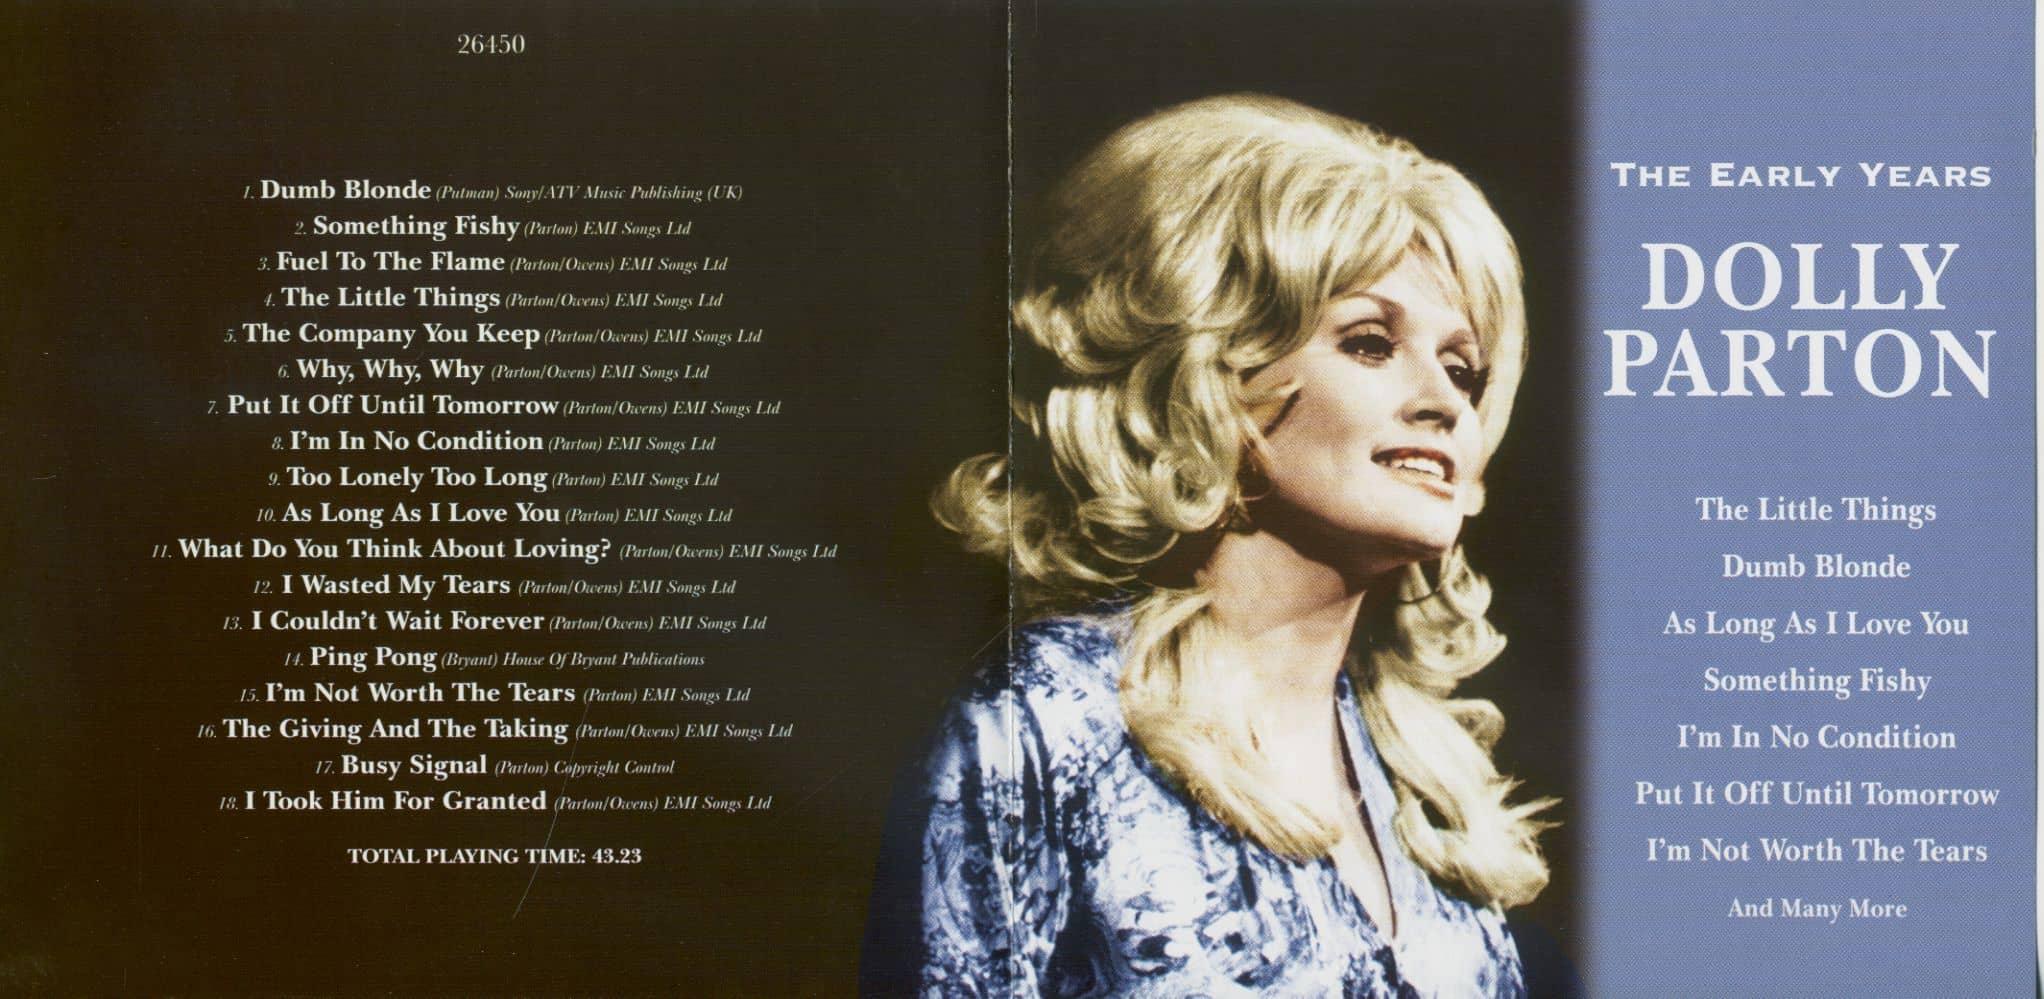 45f49fe57ca47 Dolly Parton CD: The Early Years (CD) - Bear Family Records